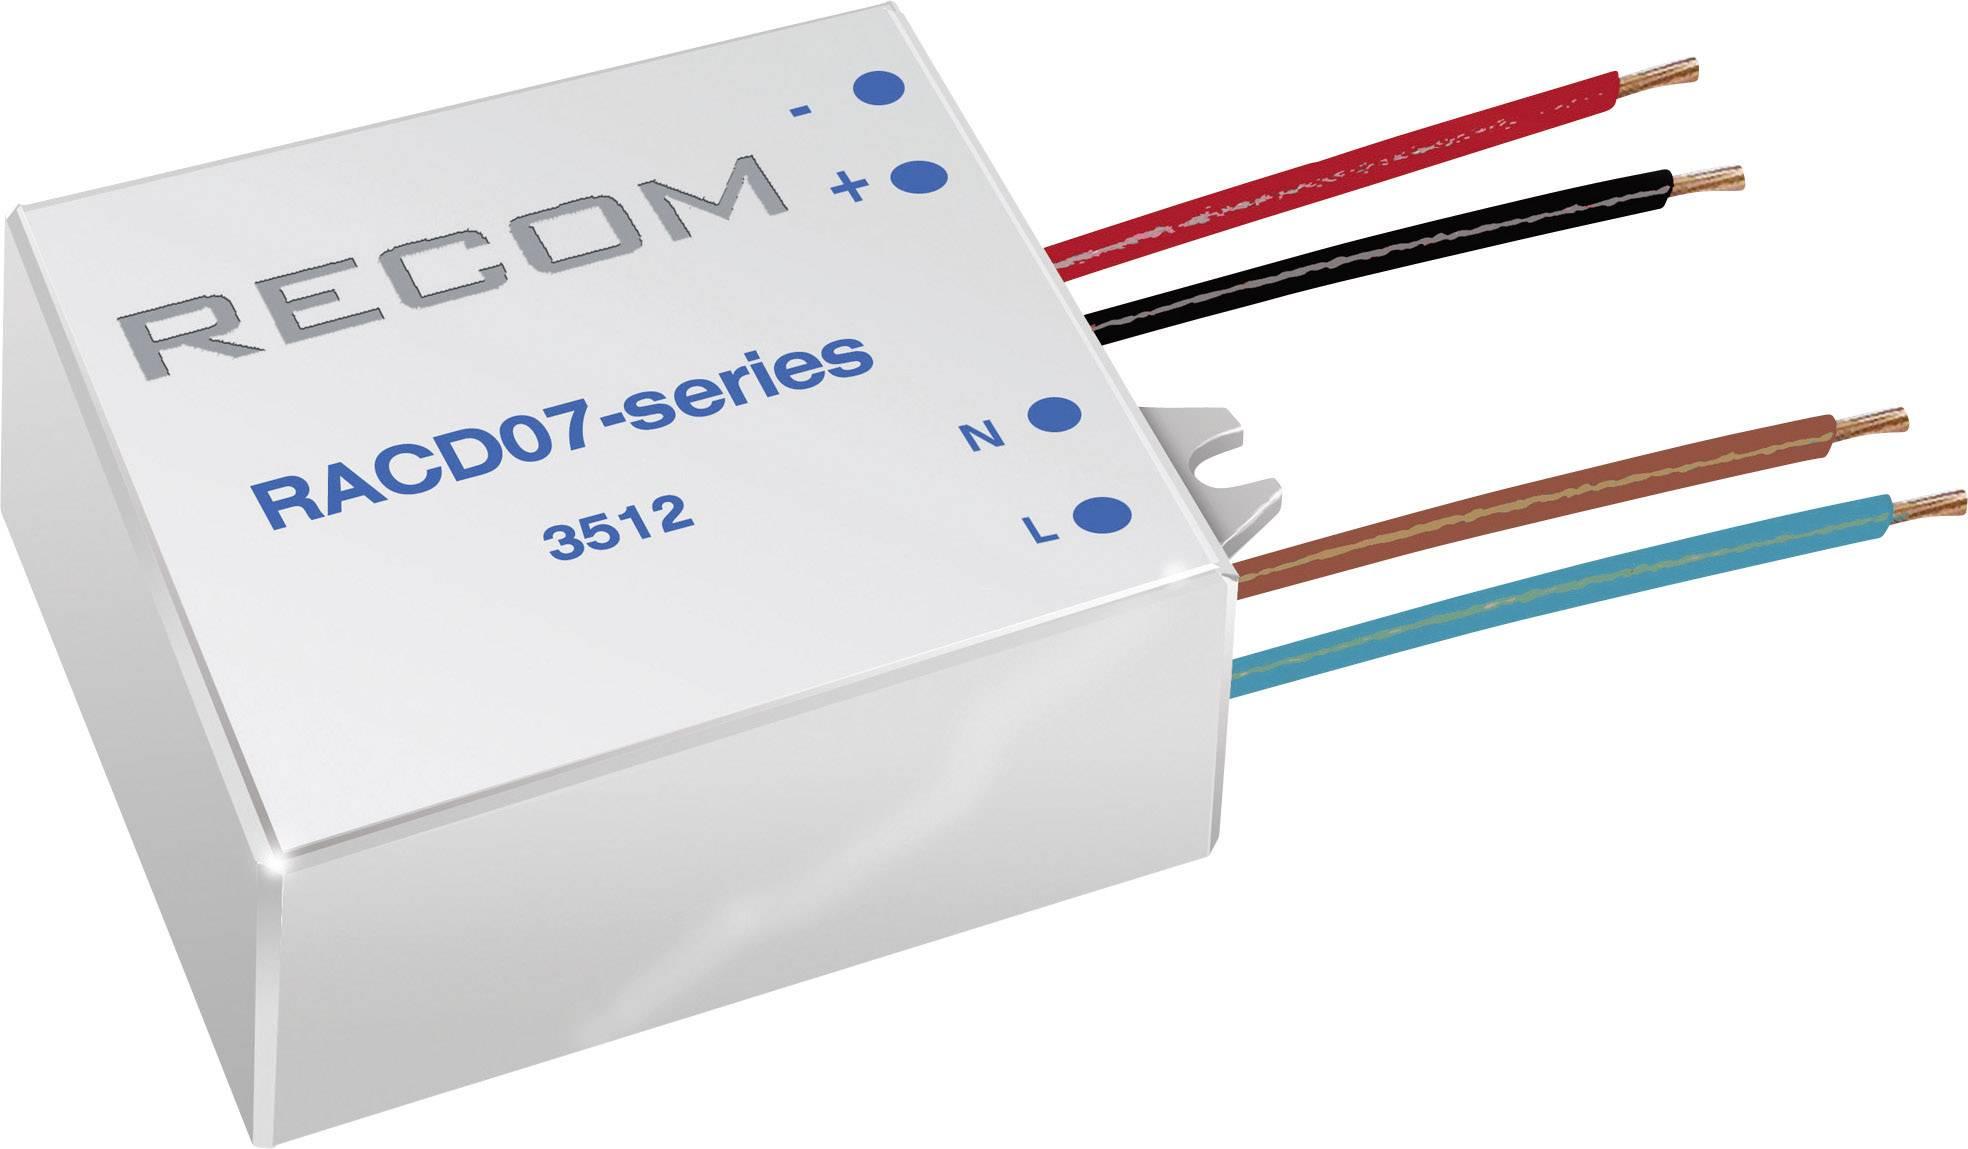 LED zdroj konštantného prúdu Recom Lighting RACD07-350, 350 mA, prevádzkové napätie (max.) 264 V/AC